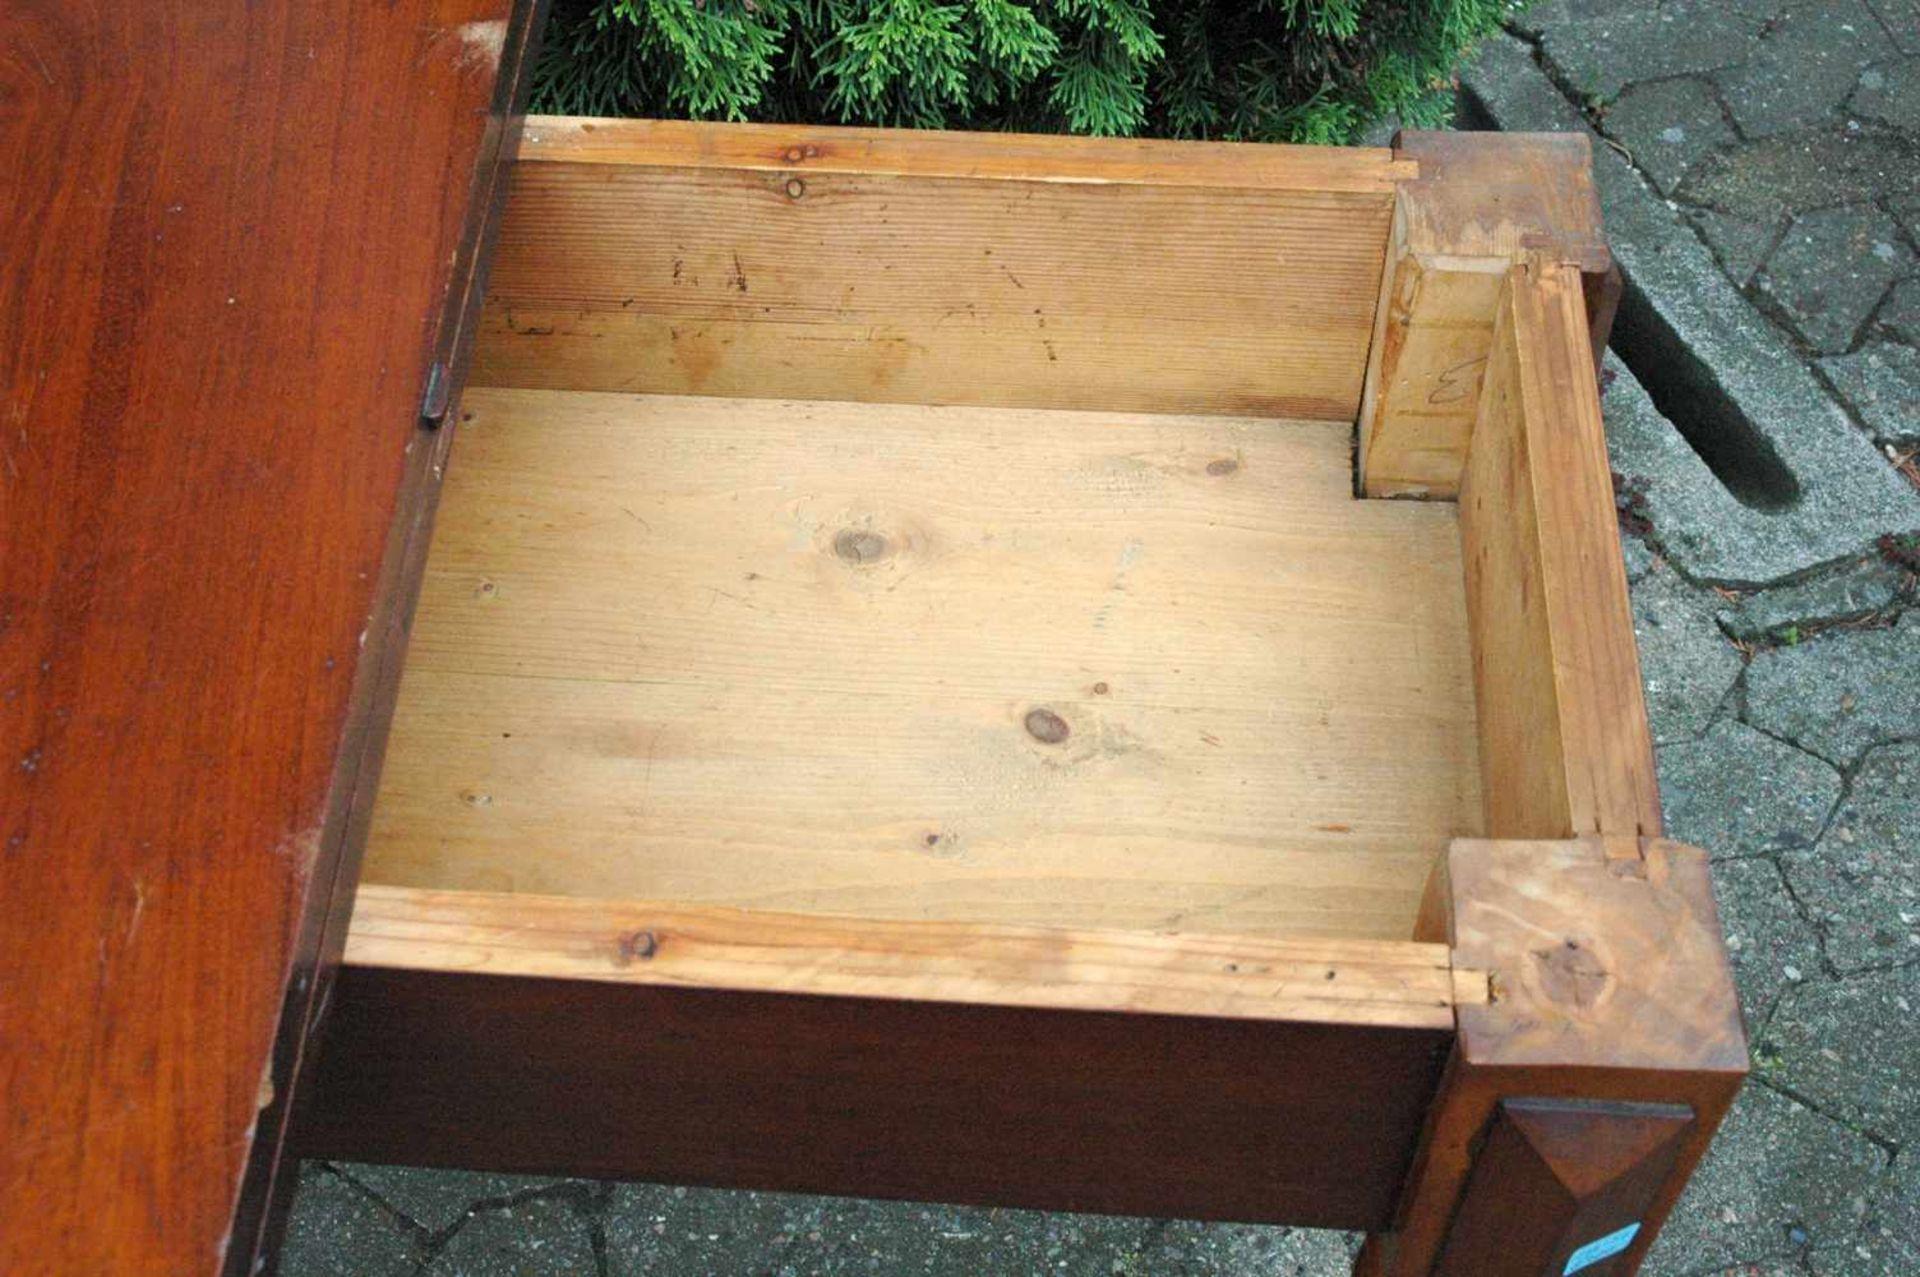 Spieltisch, Gründerzeit, Platte mit leichten Schäden, h= 76 cm - Bild 4 aus 5